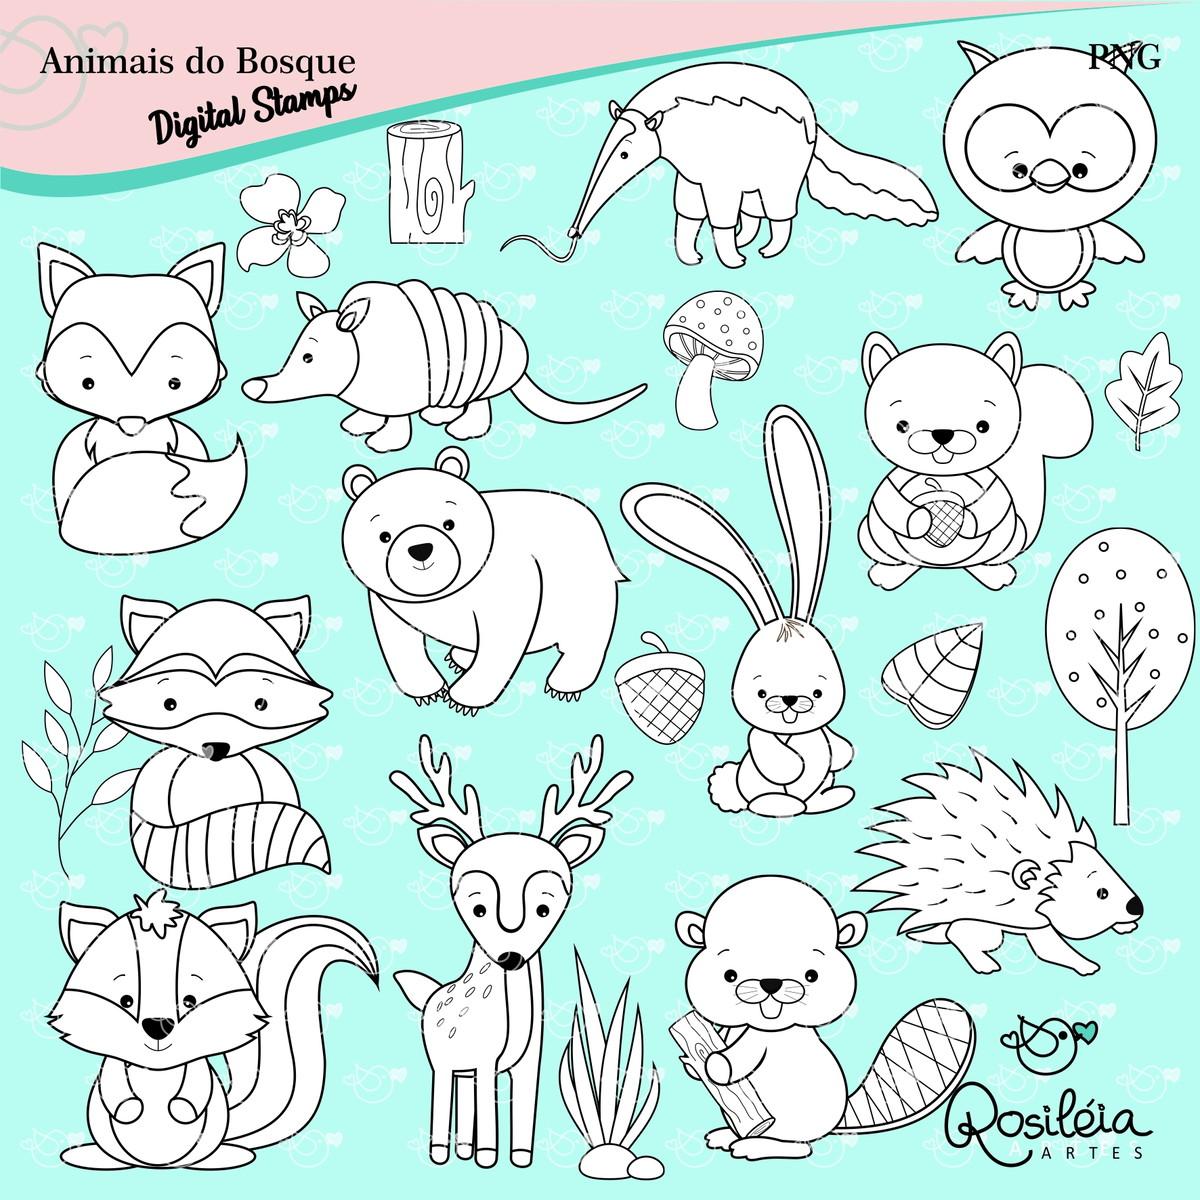 Digital Stamp Animais Do Bosque Colorir